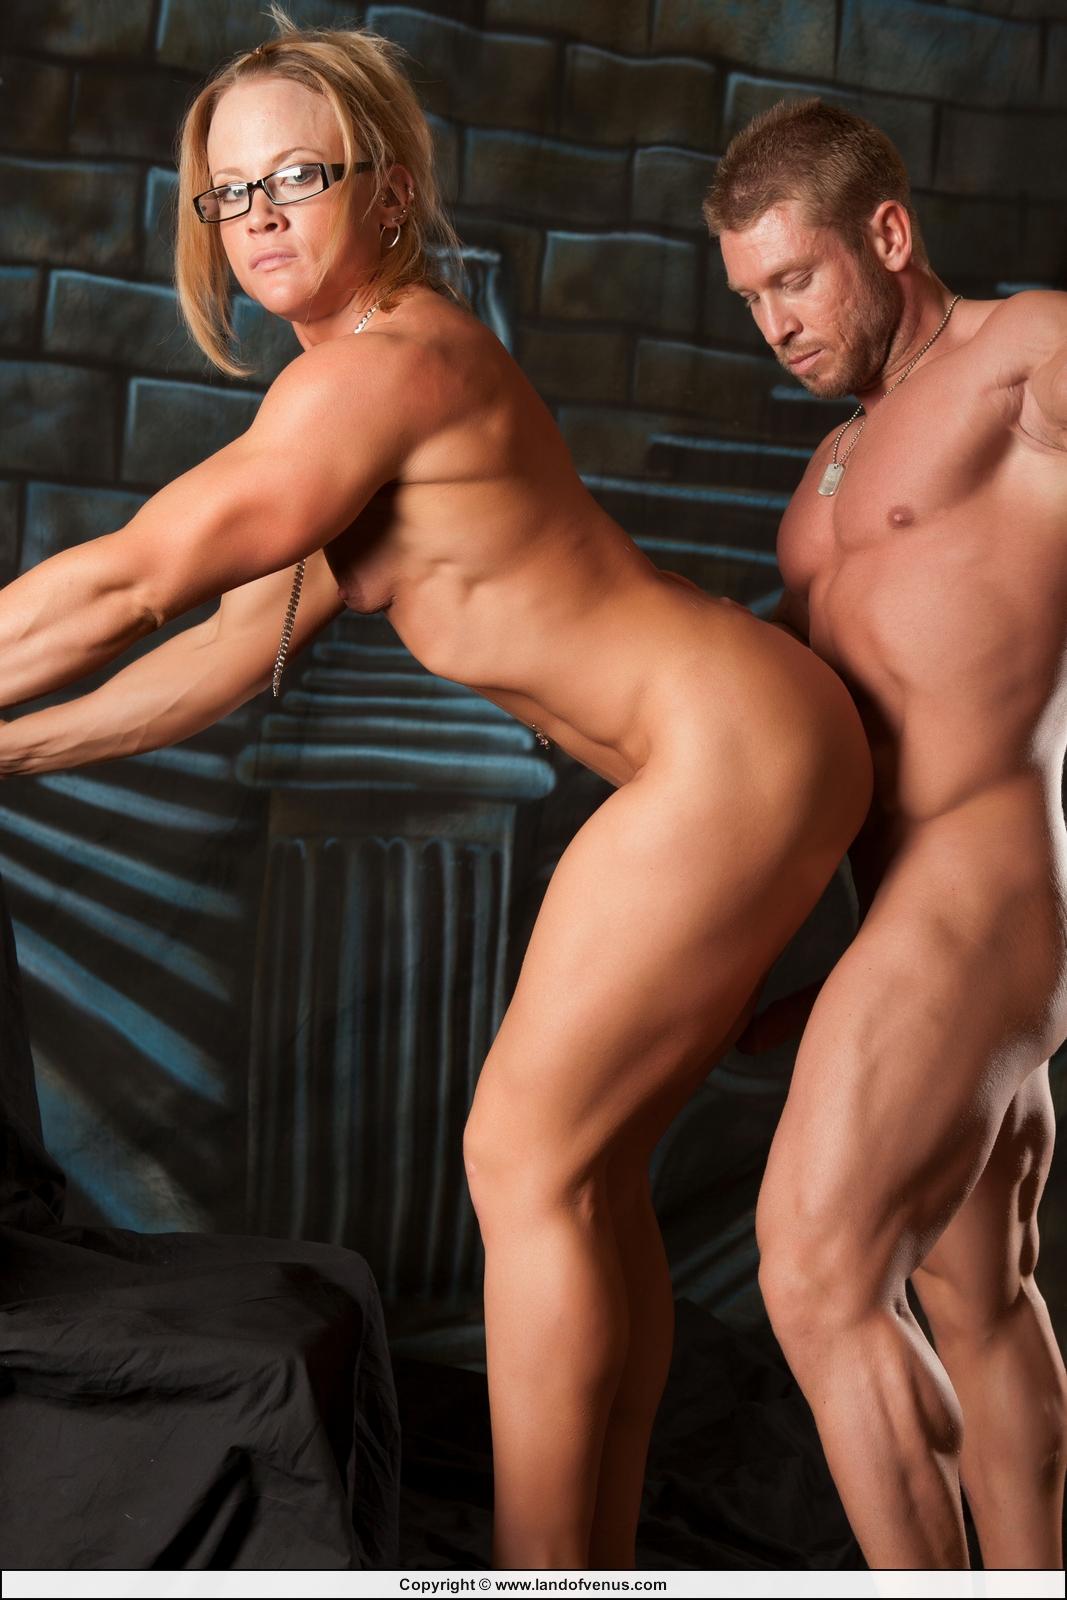 Nude bodybuilding chicks